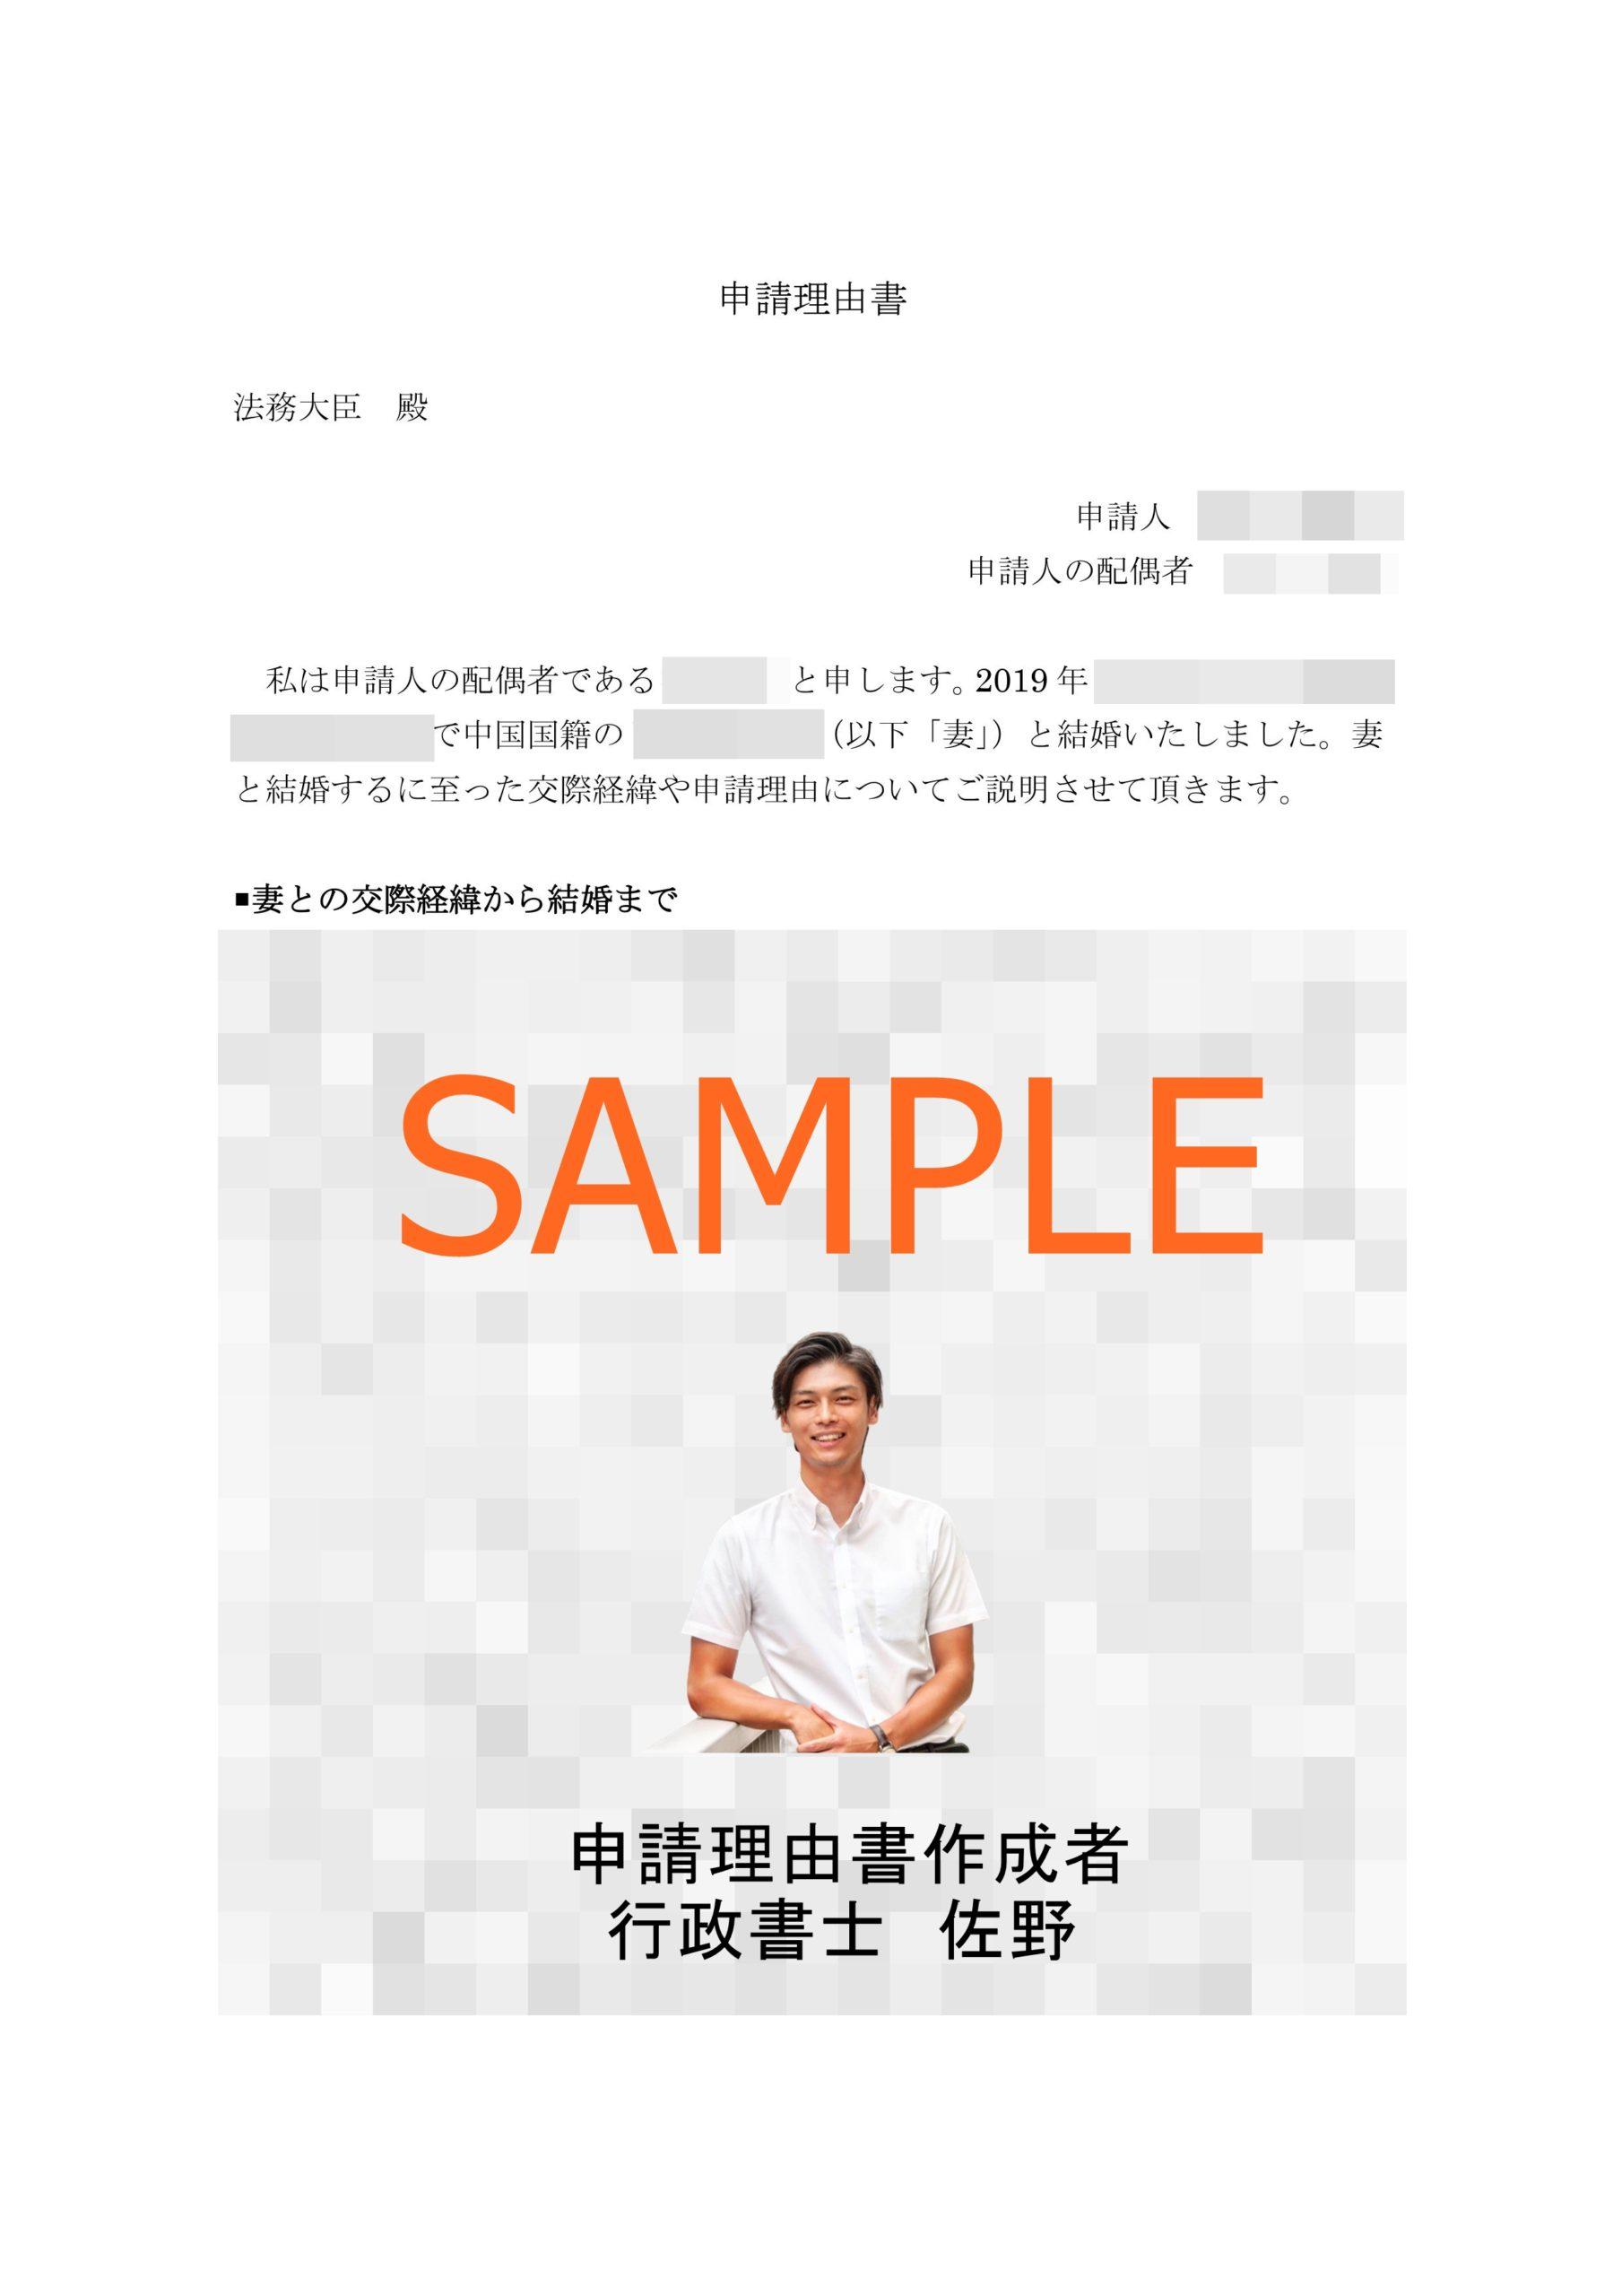 申請理由書(日本人の配偶者ビザ申請)の書き方を外国人ビザ申請のプロである行政書士が徹底解説!